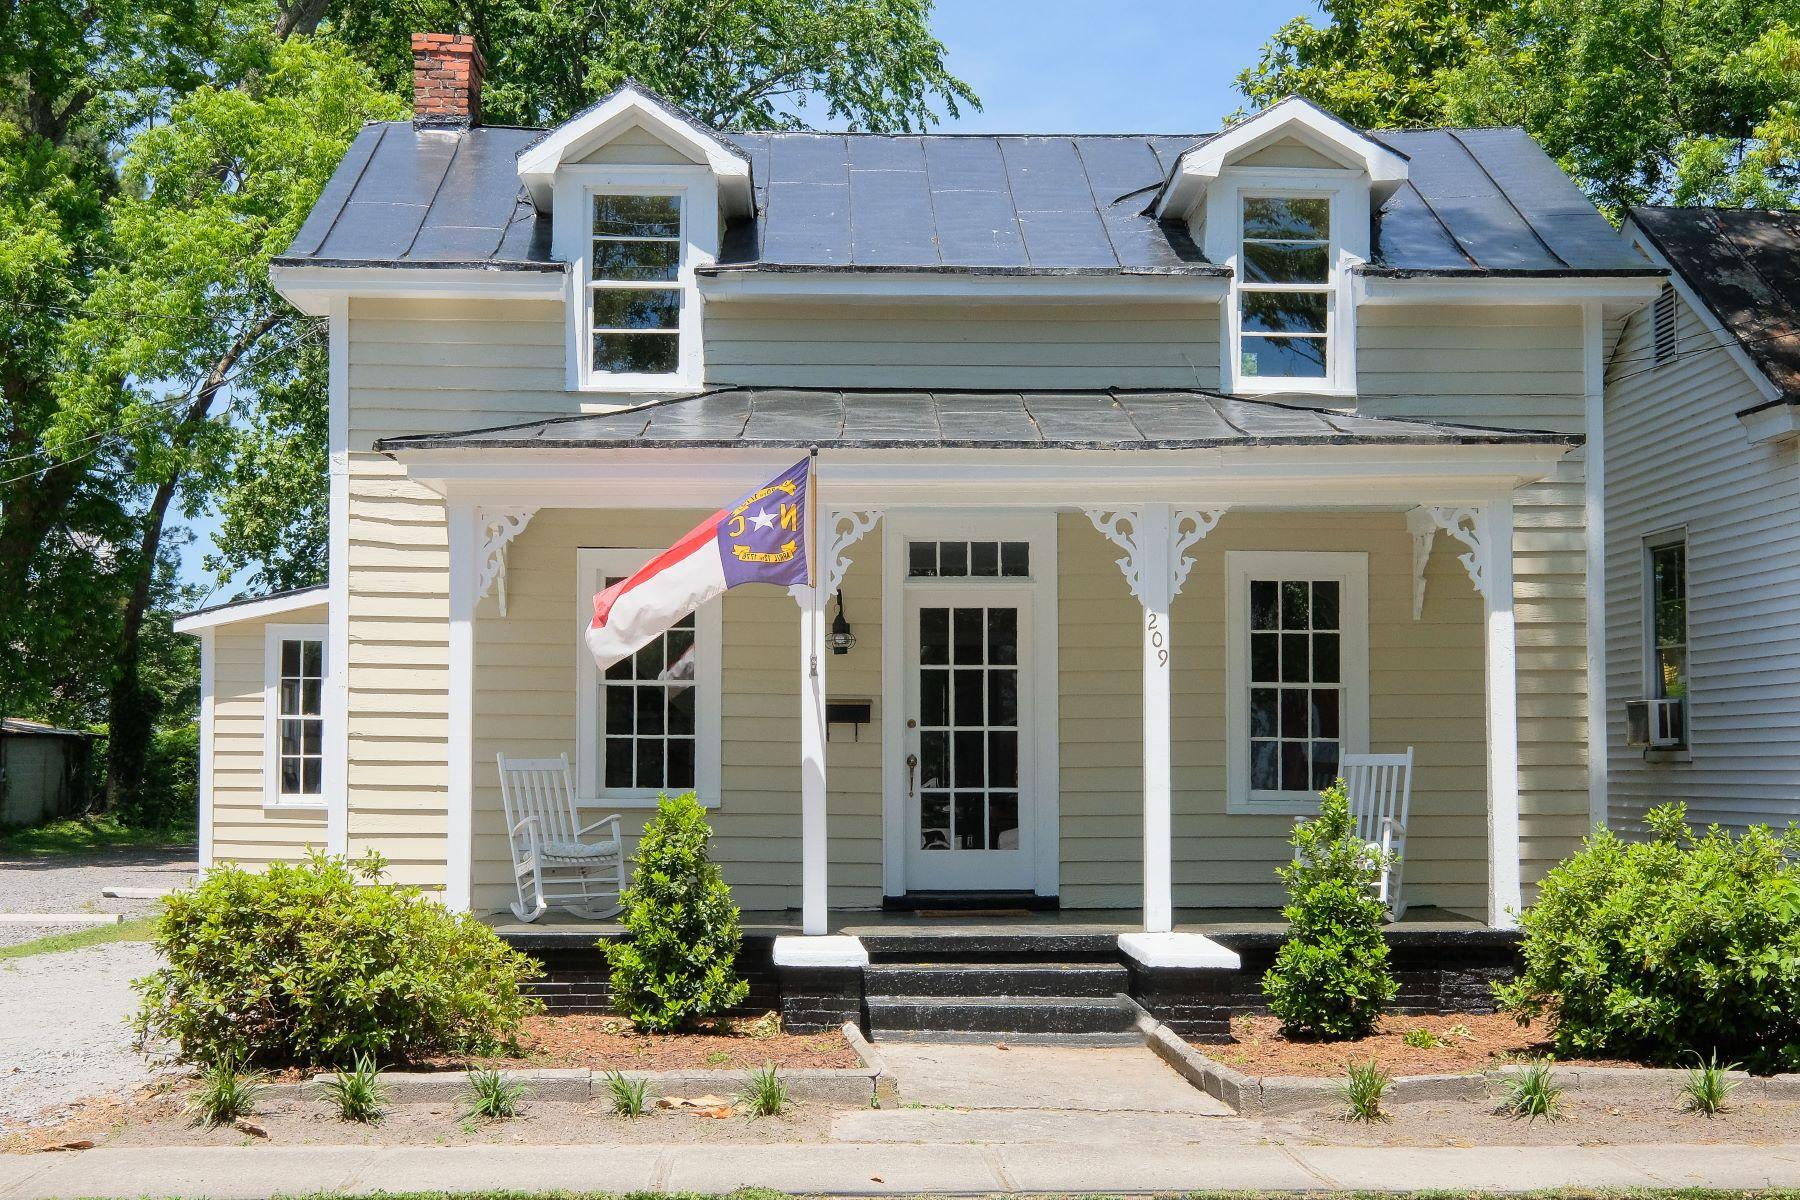 Частный односемейный дом для того Продажа на TOTAL RESTORATION! 209 E Church St Edenton, Северная Каролина 27932 Соединенные Штаты